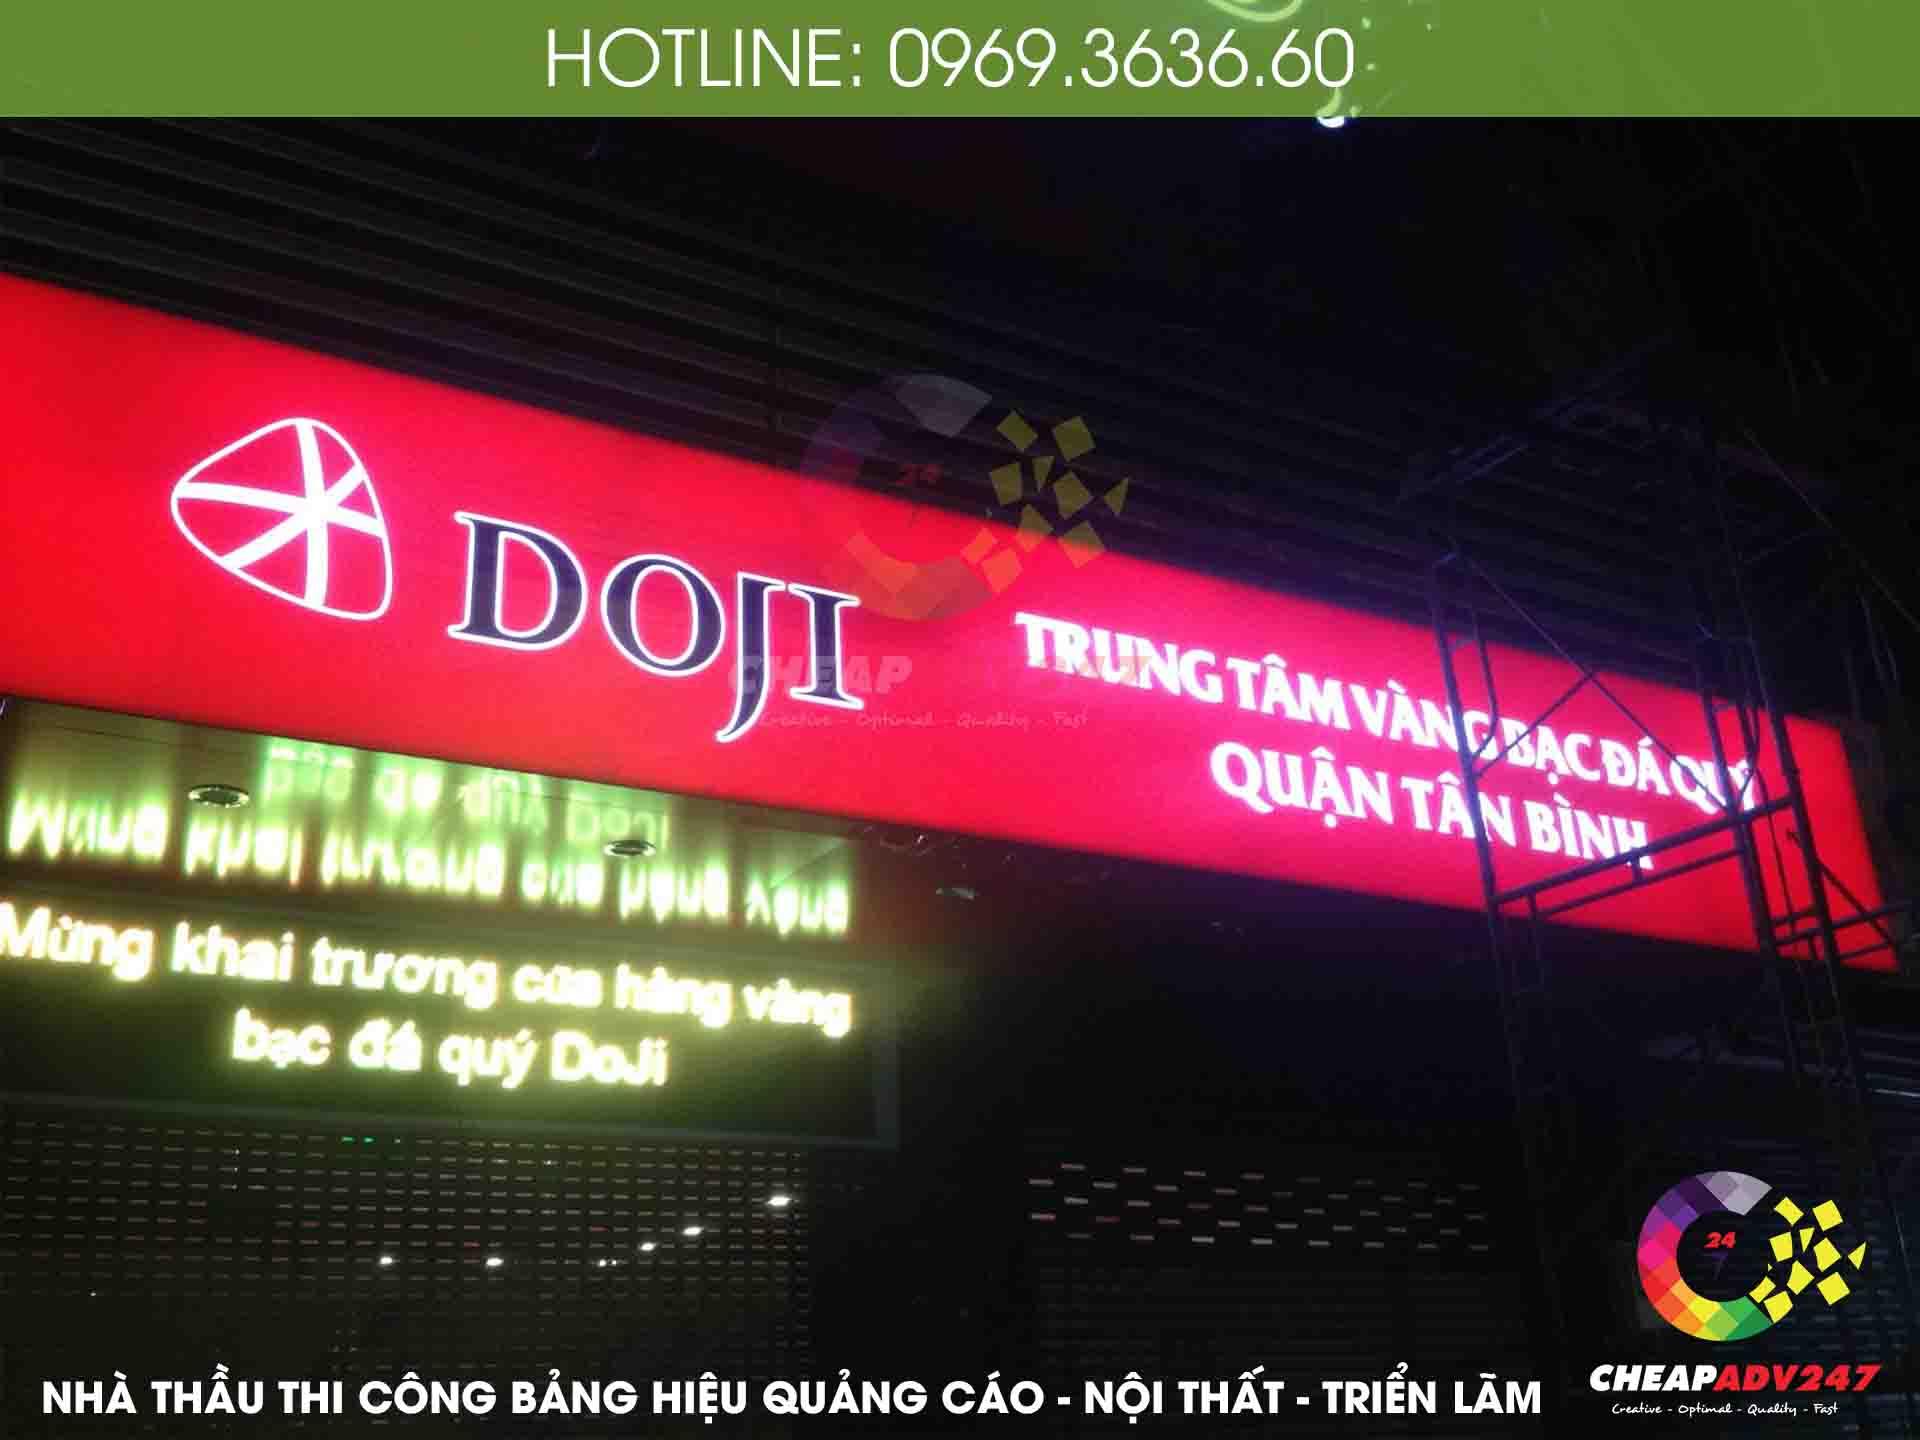 ảnh bảng hiệu hộp đèn hiflex tại cheapadv247